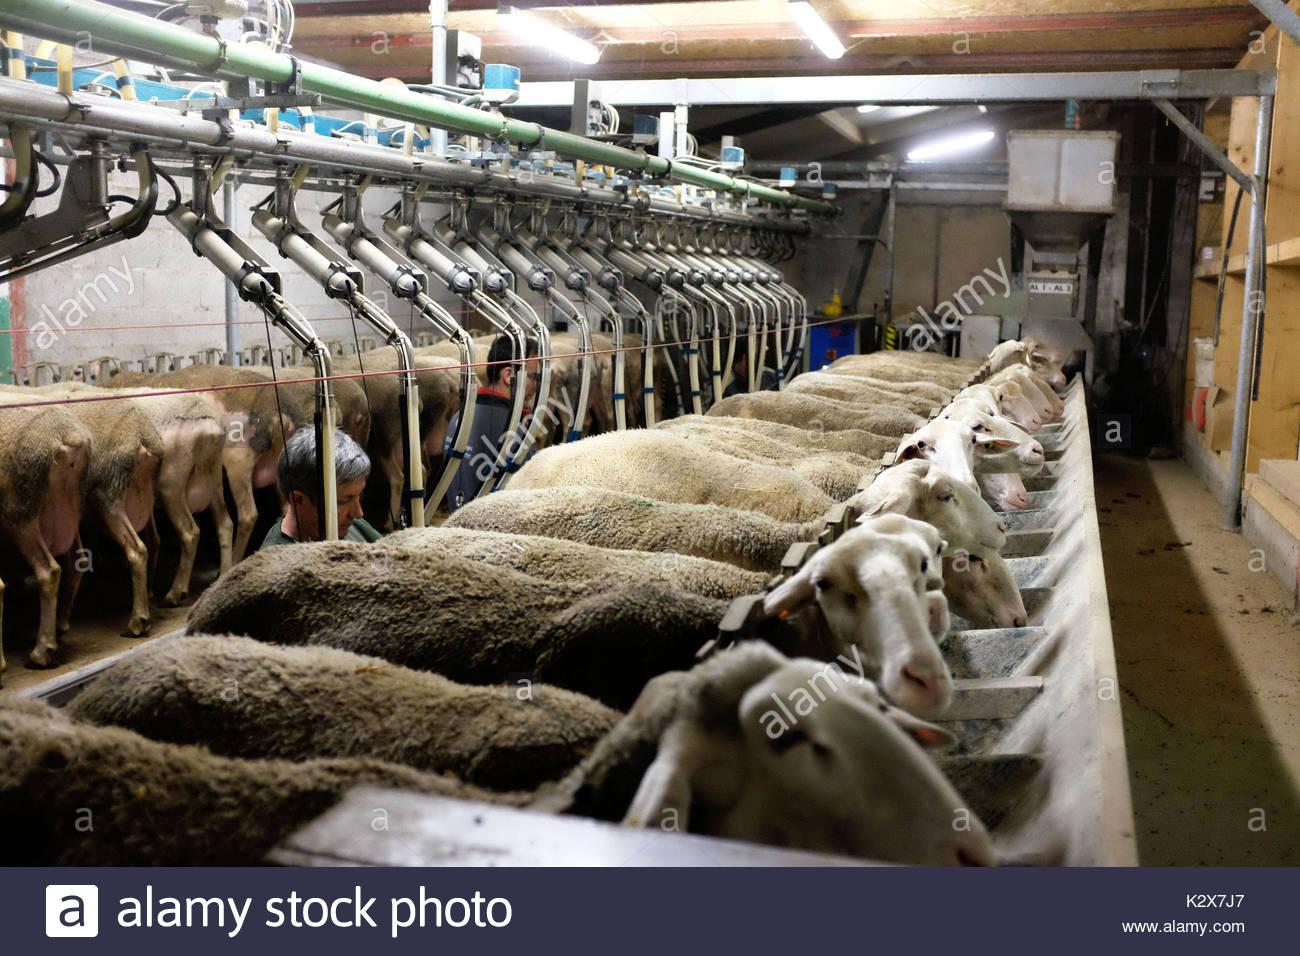 France, Nouvelle-Aquitaine, Pyrenees Atlantiques, Fichous Riumayou, un moment tres apprecie des brebis, le moment de la traite. *** A very appreciated moment for the sheep, the milking time, France, Nouvelle-Aquitaine, Pyrenees Atlantiques, Fichous Riumayou - Stock Image